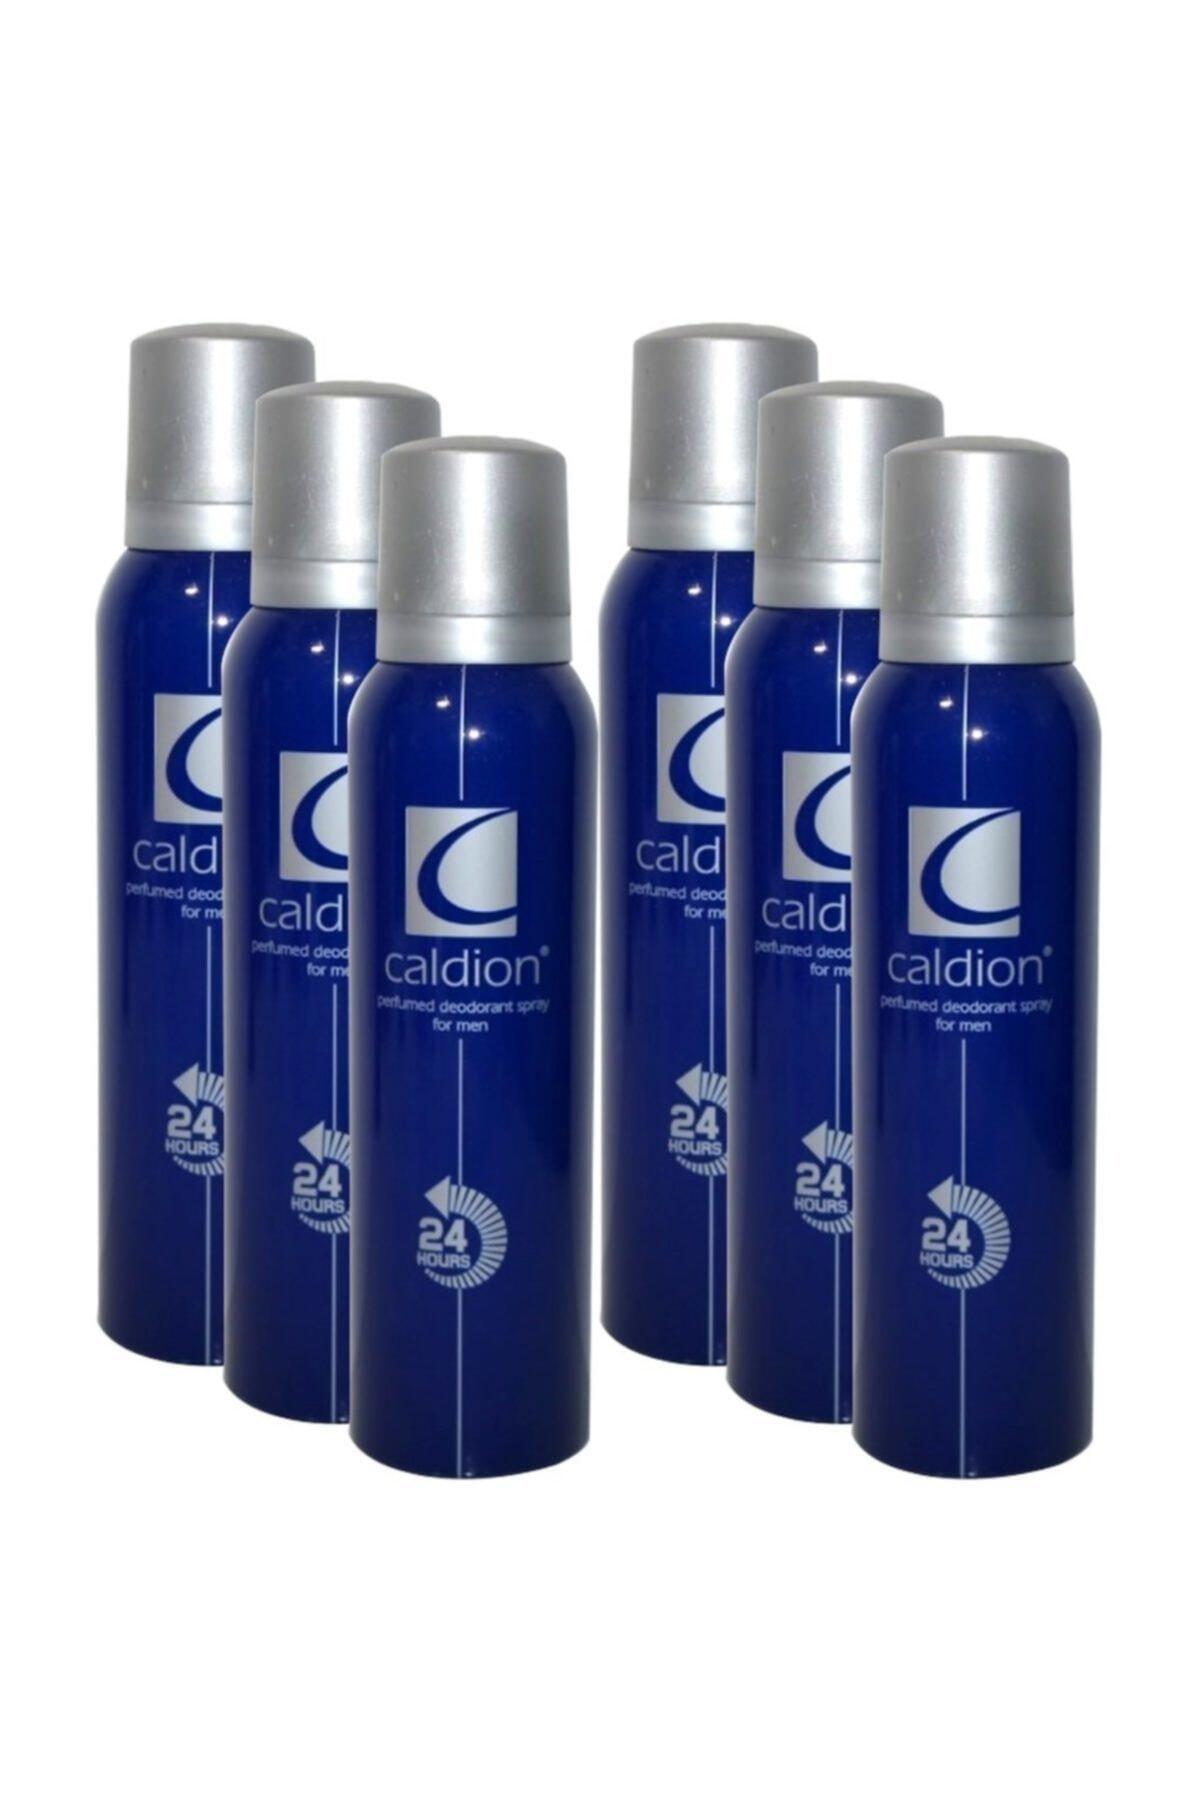 Caldion Erkek Deodorant 150 Ml 6 Adet 1